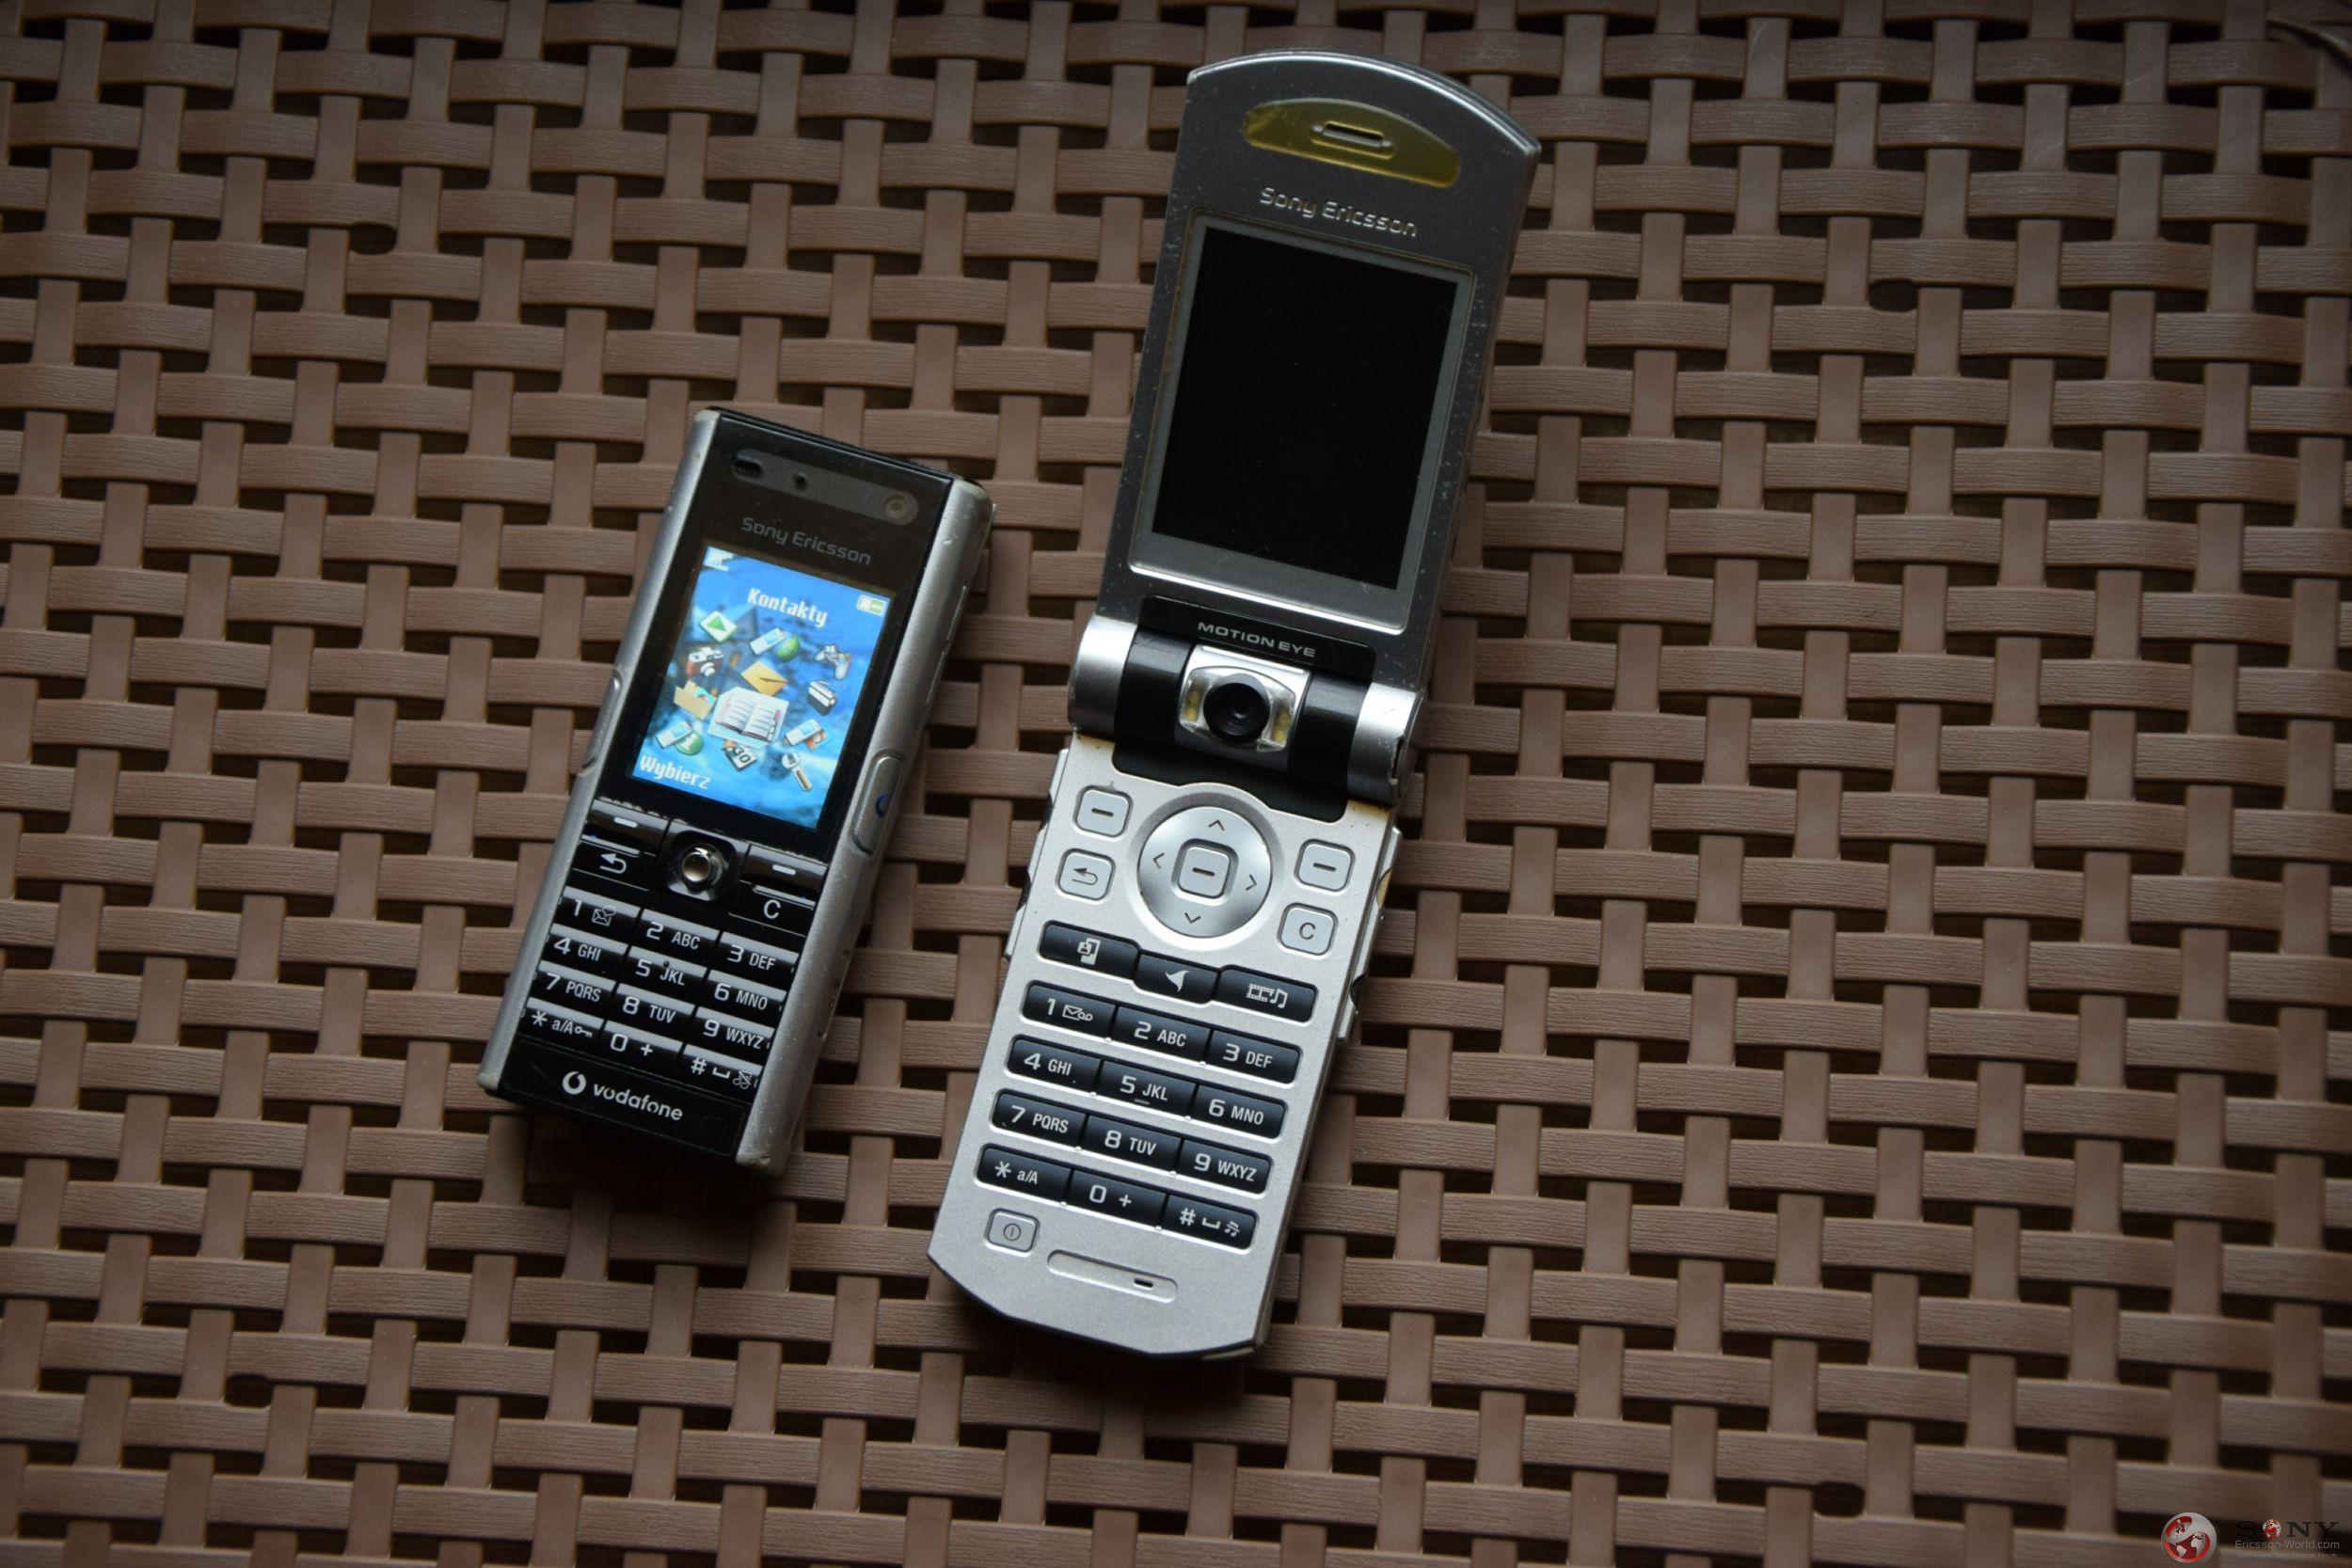 Sony Ericsson V800i i V600i@K600i